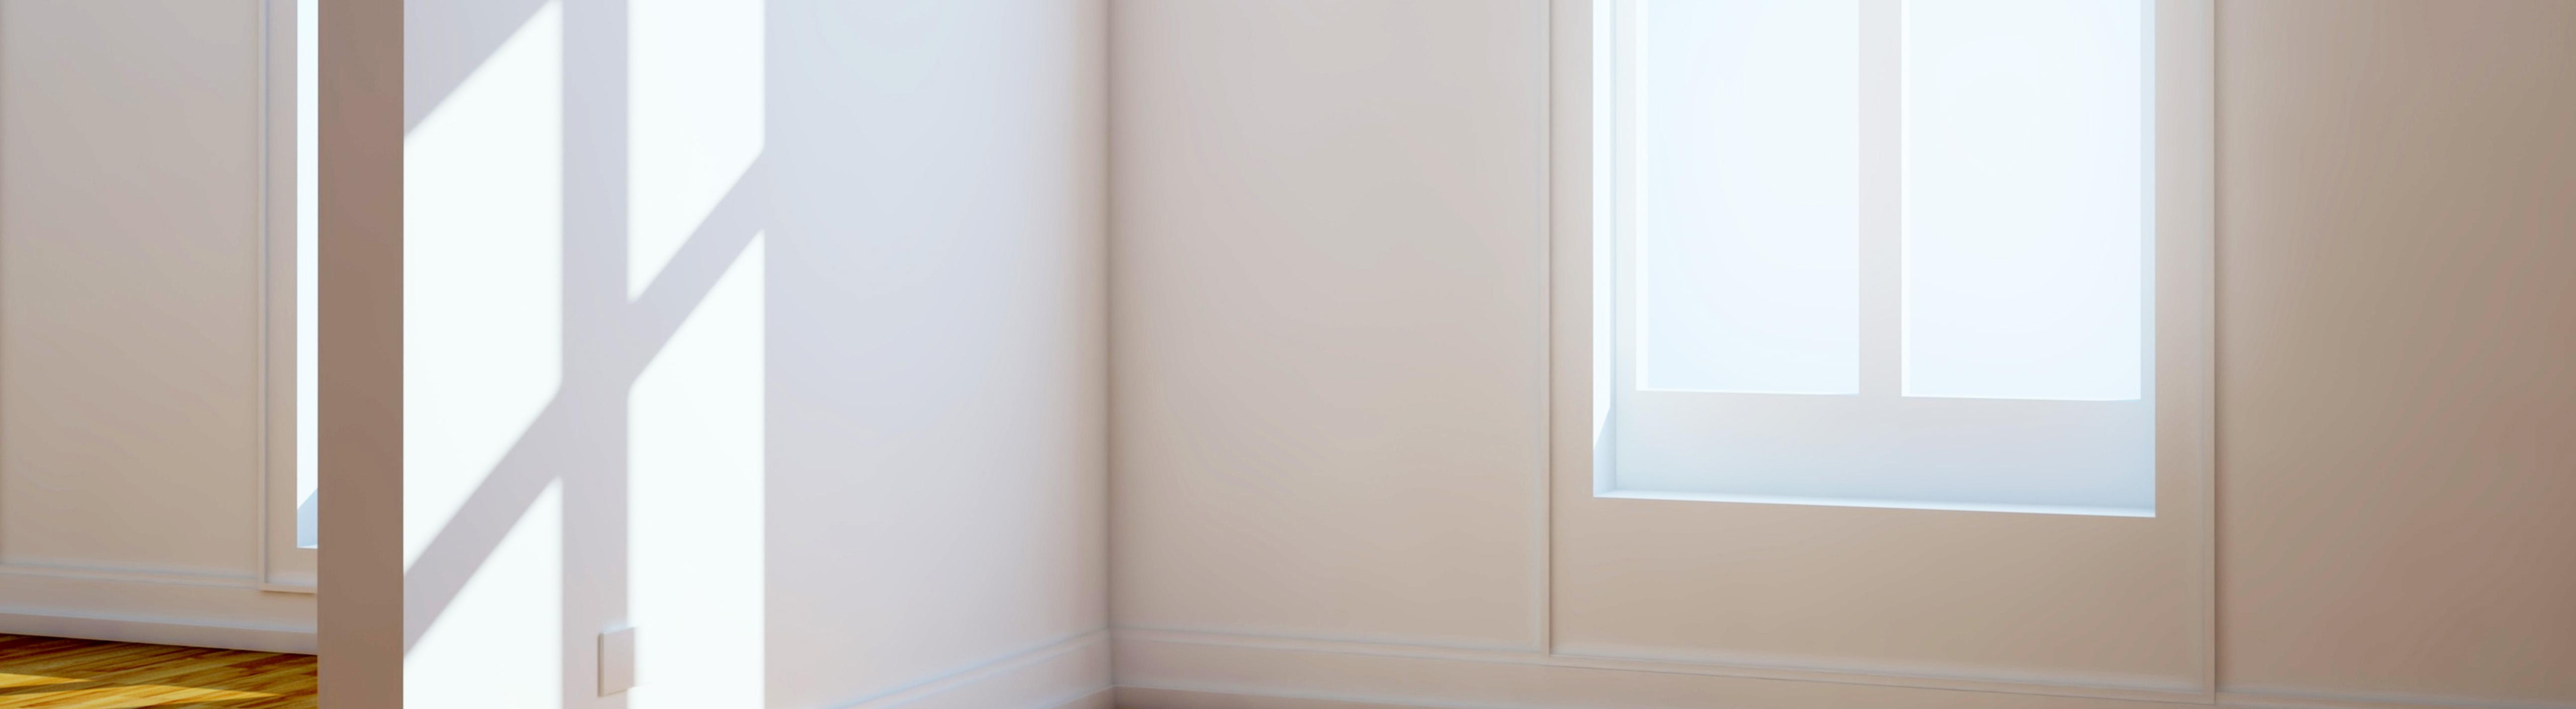 fenster und t renbau paus fenster hambloch gmbh co kg bergheim. Black Bedroom Furniture Sets. Home Design Ideas